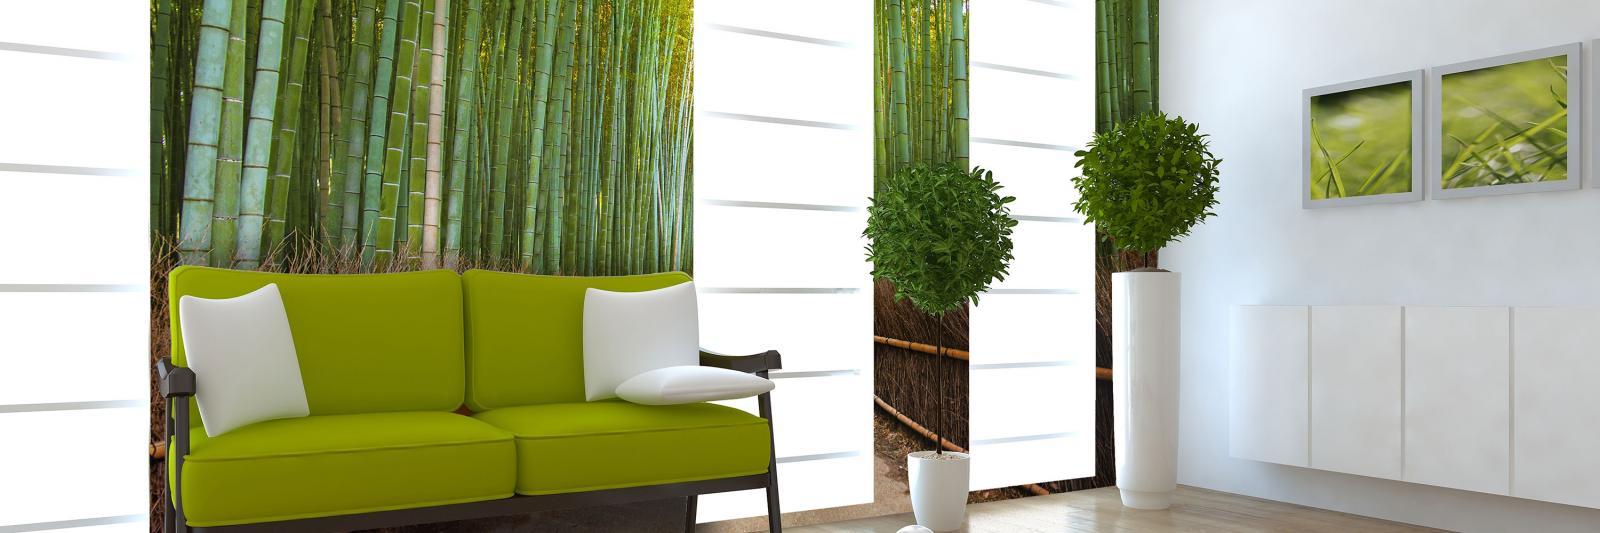 Digitaldrucktapeten Vlies, Glasgewebe, vorgekleistert. Weisser Wohnraum Fototapete mit grünem Bambus